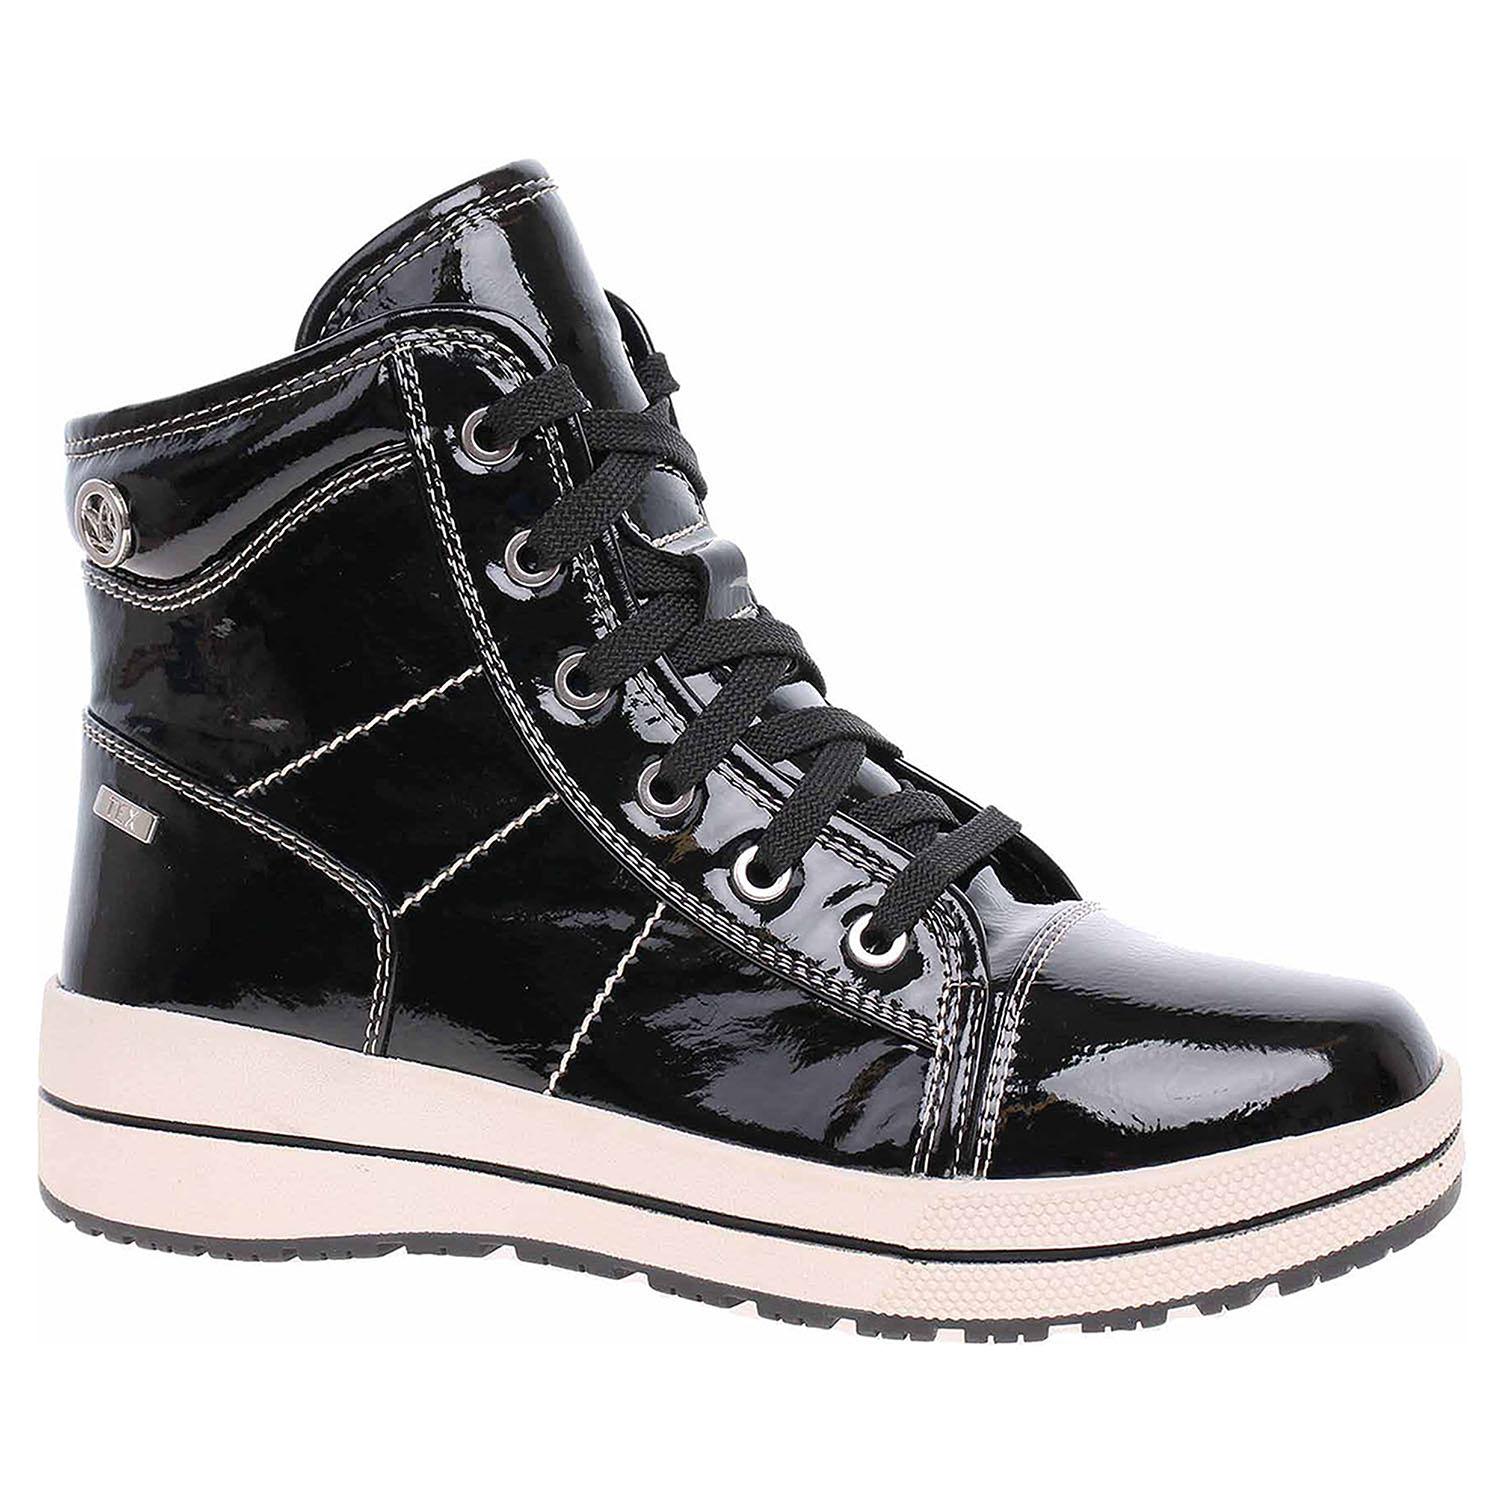 Dámská kotníková obuv Caprice 9-26222-21 black patent 9-9-26222-21 018 39